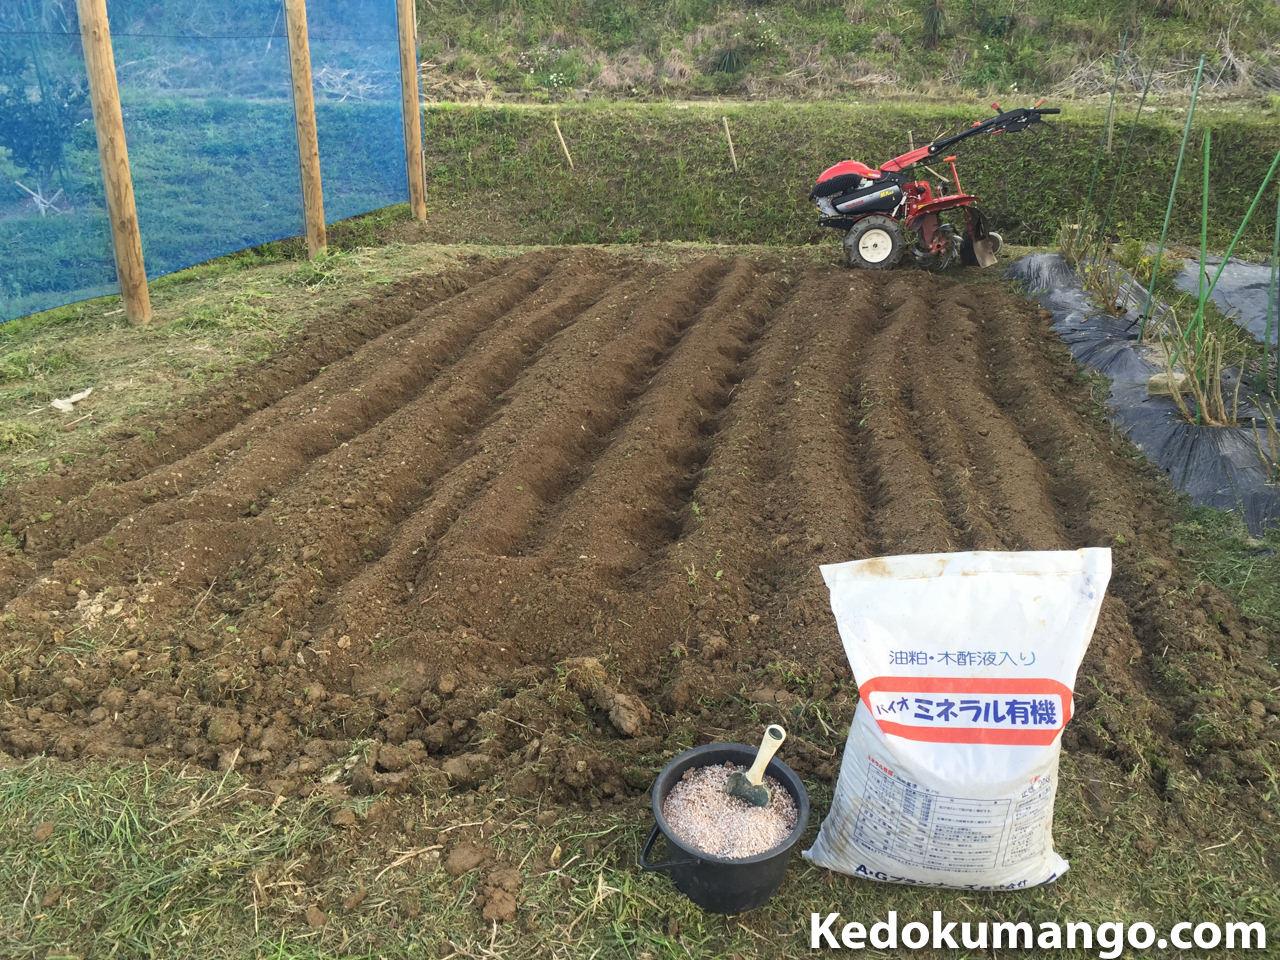 夏野菜の植付けへ向けて家庭菜園を耕運したぞ! | 花徳マンゴー